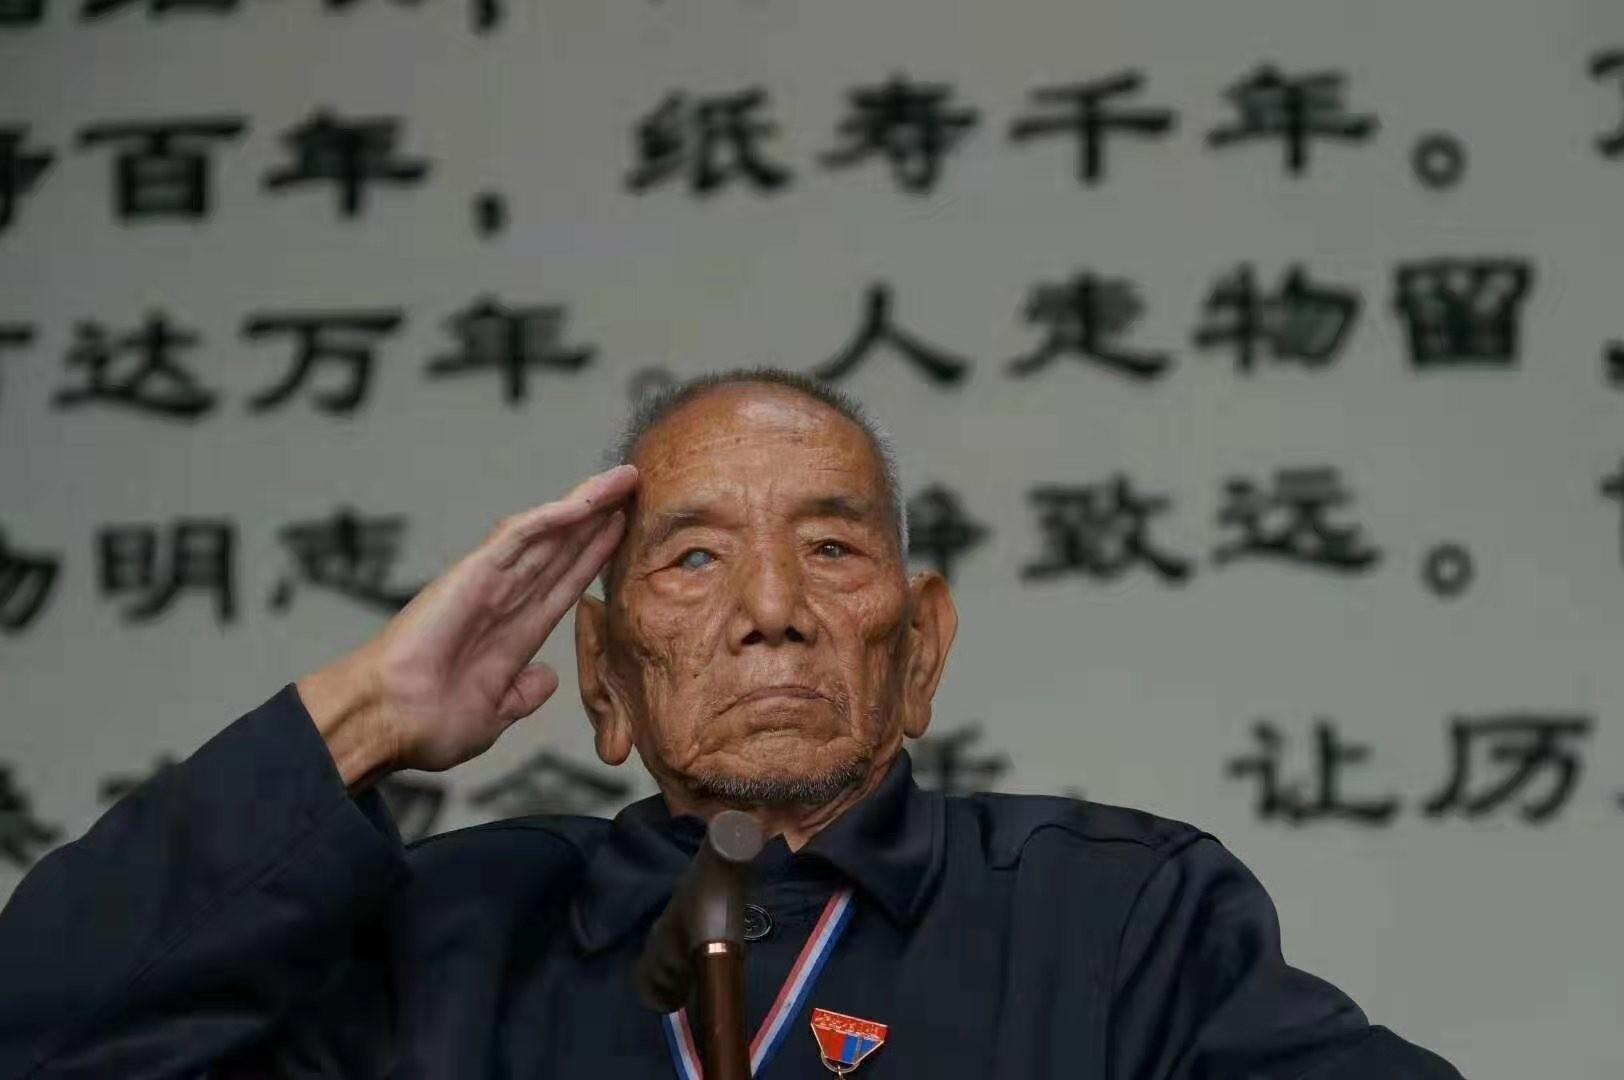 【求助】四川抗战老兵心愿:寻找张家界亲人